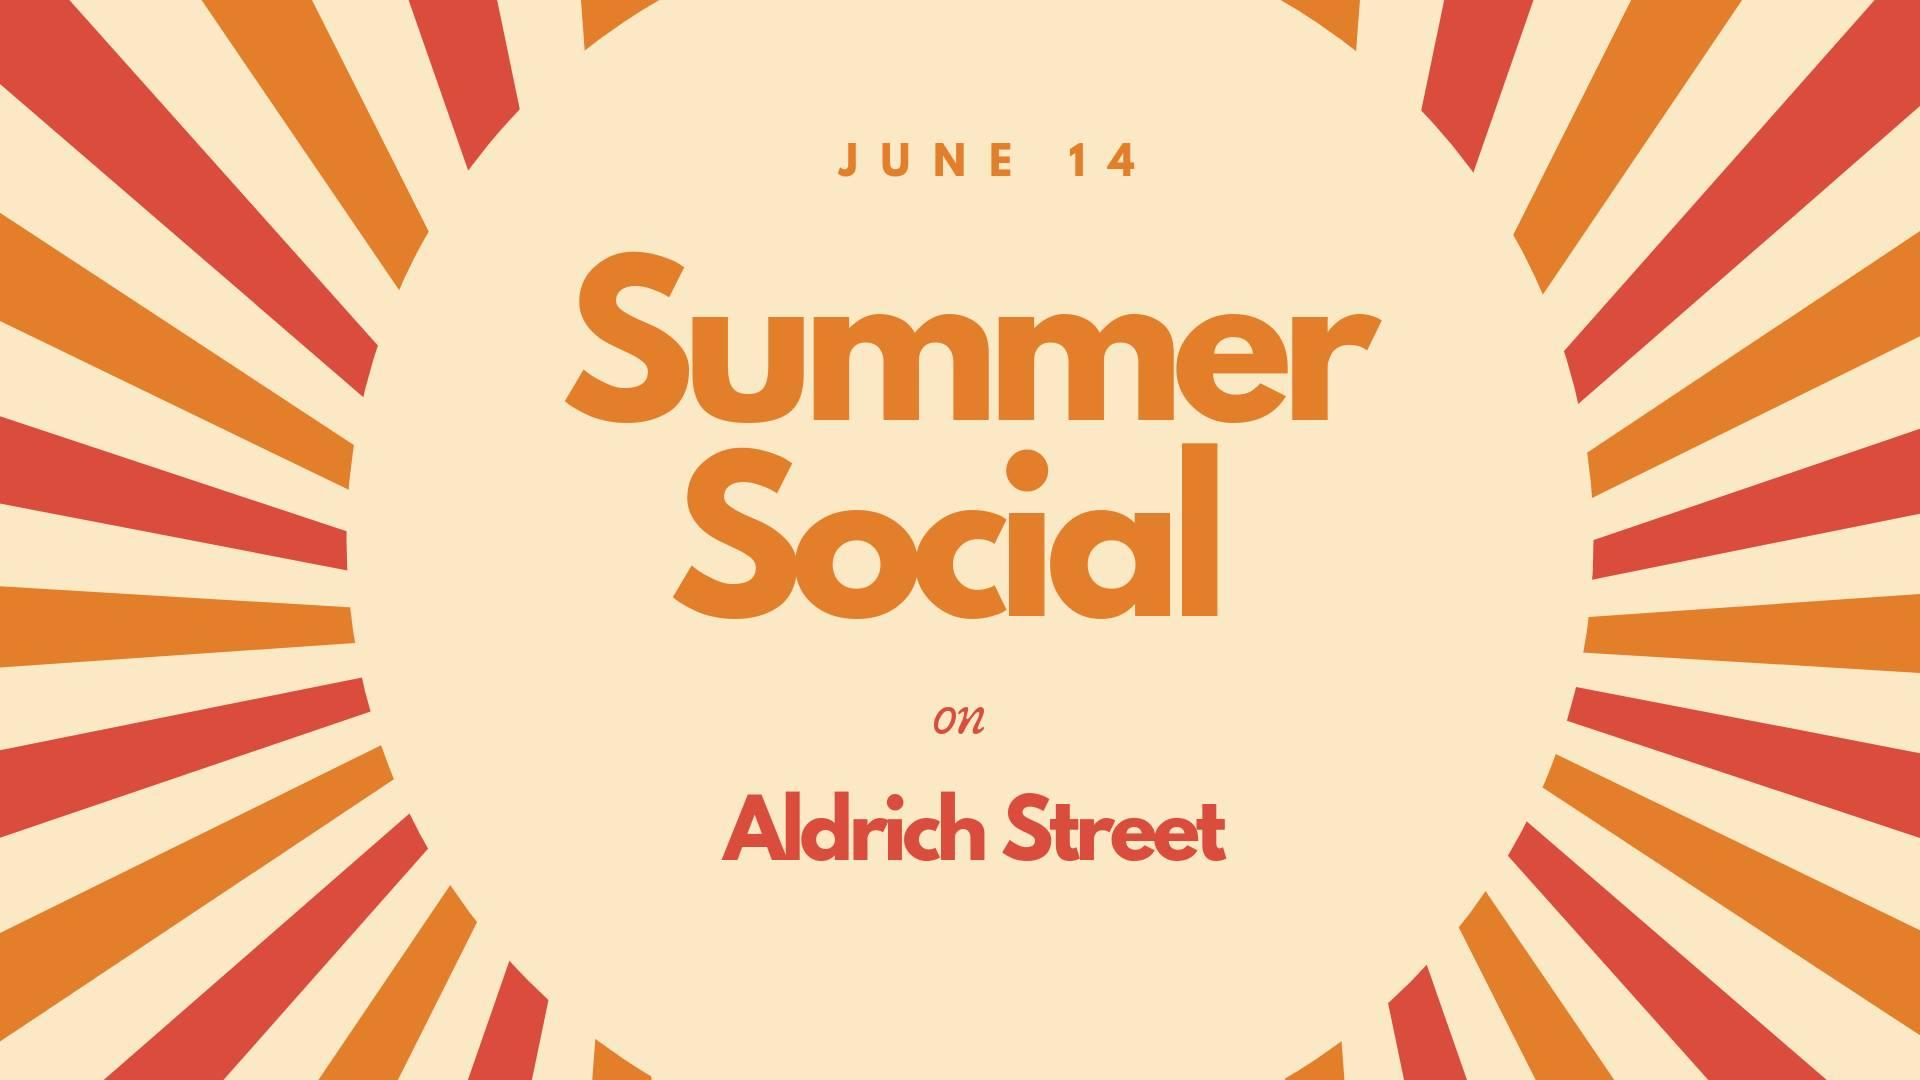 Summer Social on Aldrich Street